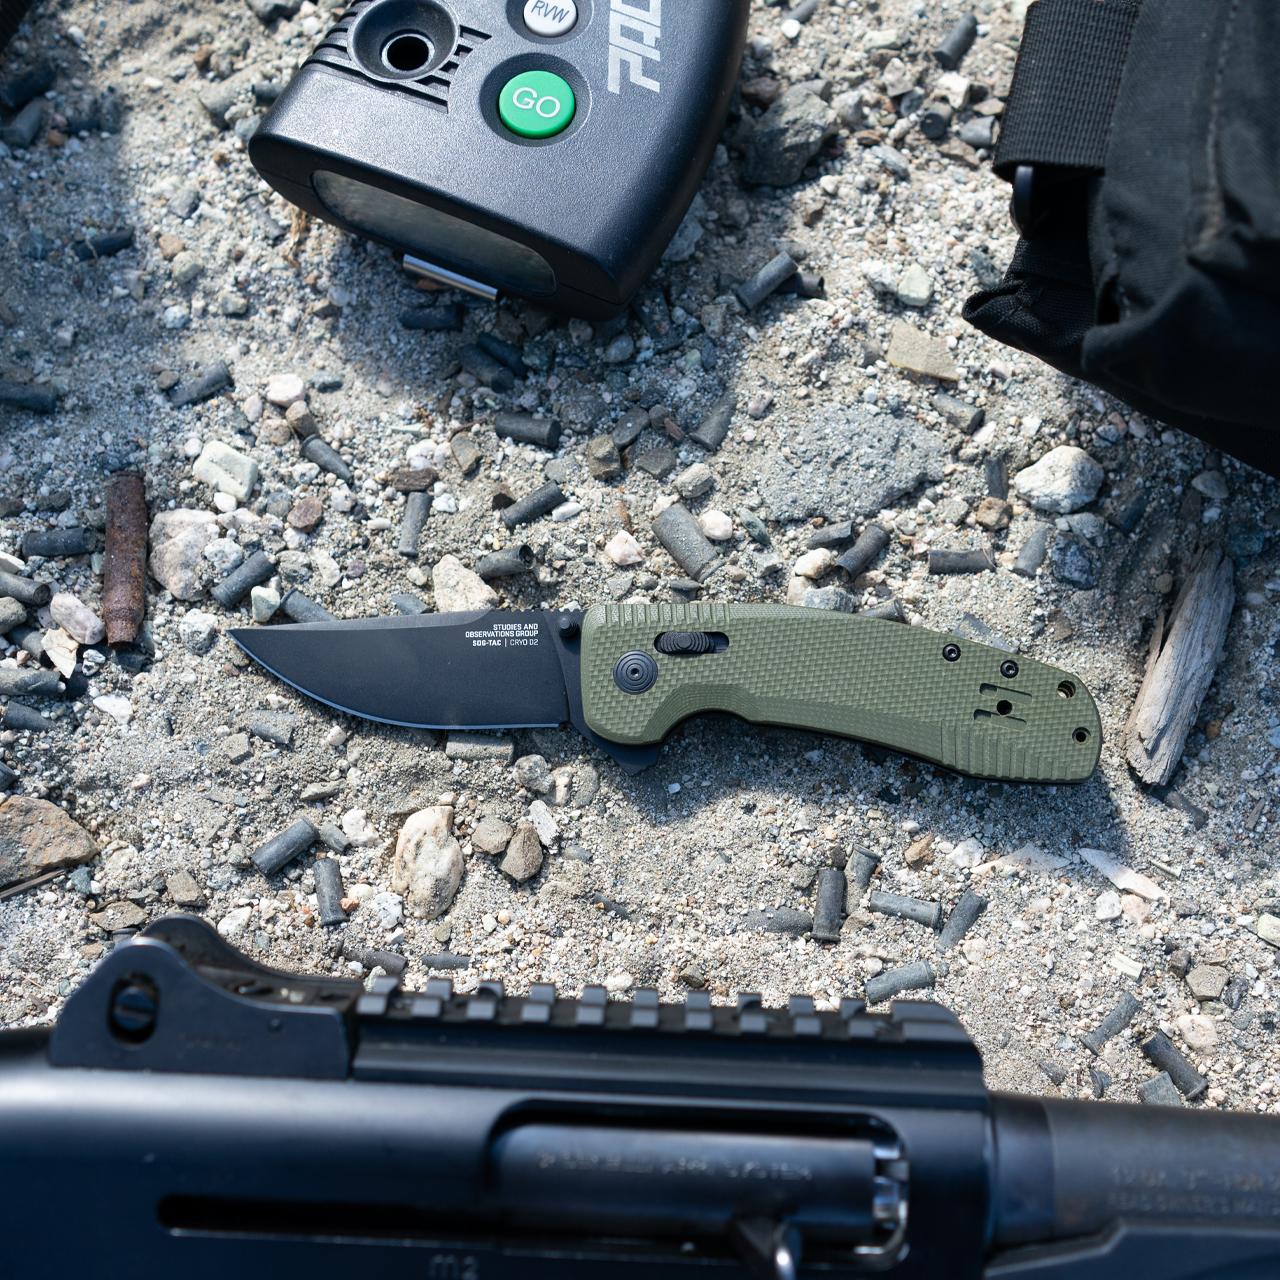 SOG KNIVES DEBUTS THE SOG-TAC XR KNIFE SERIES